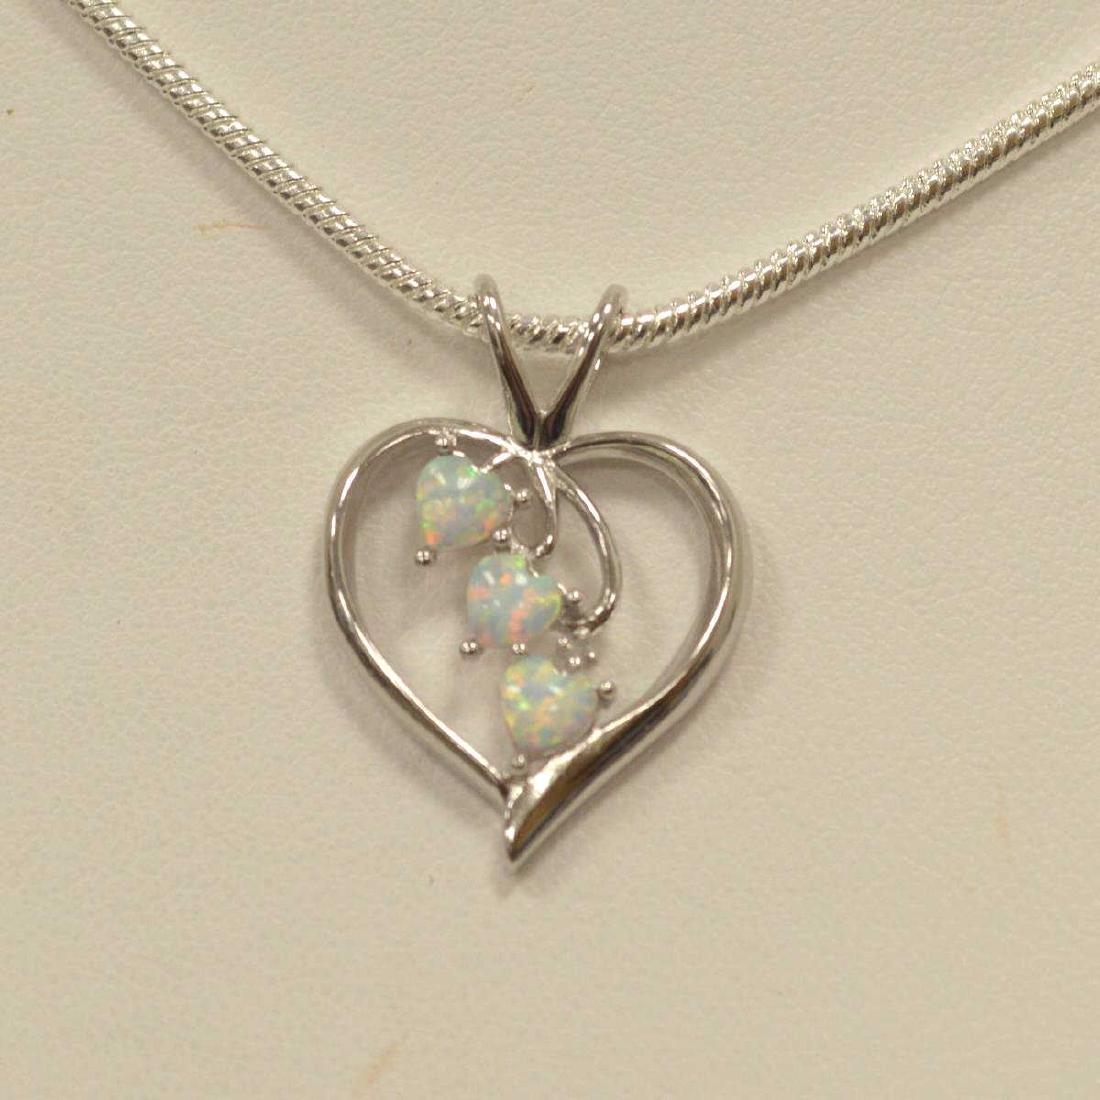 Sterling SIlver opal pendant - 2